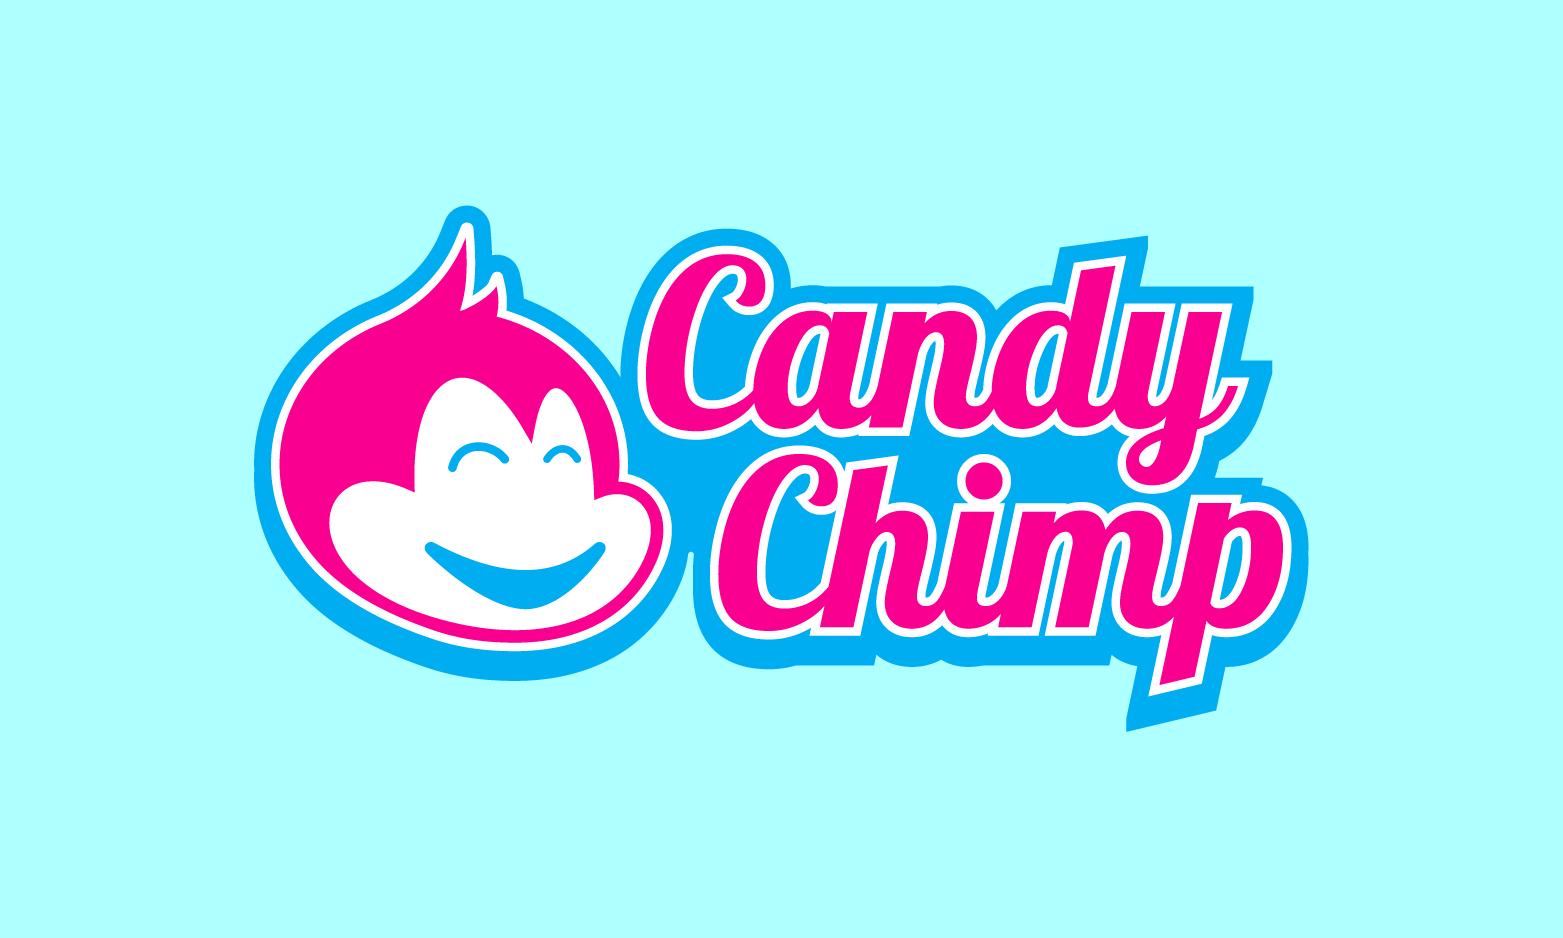 CandyChimp.com